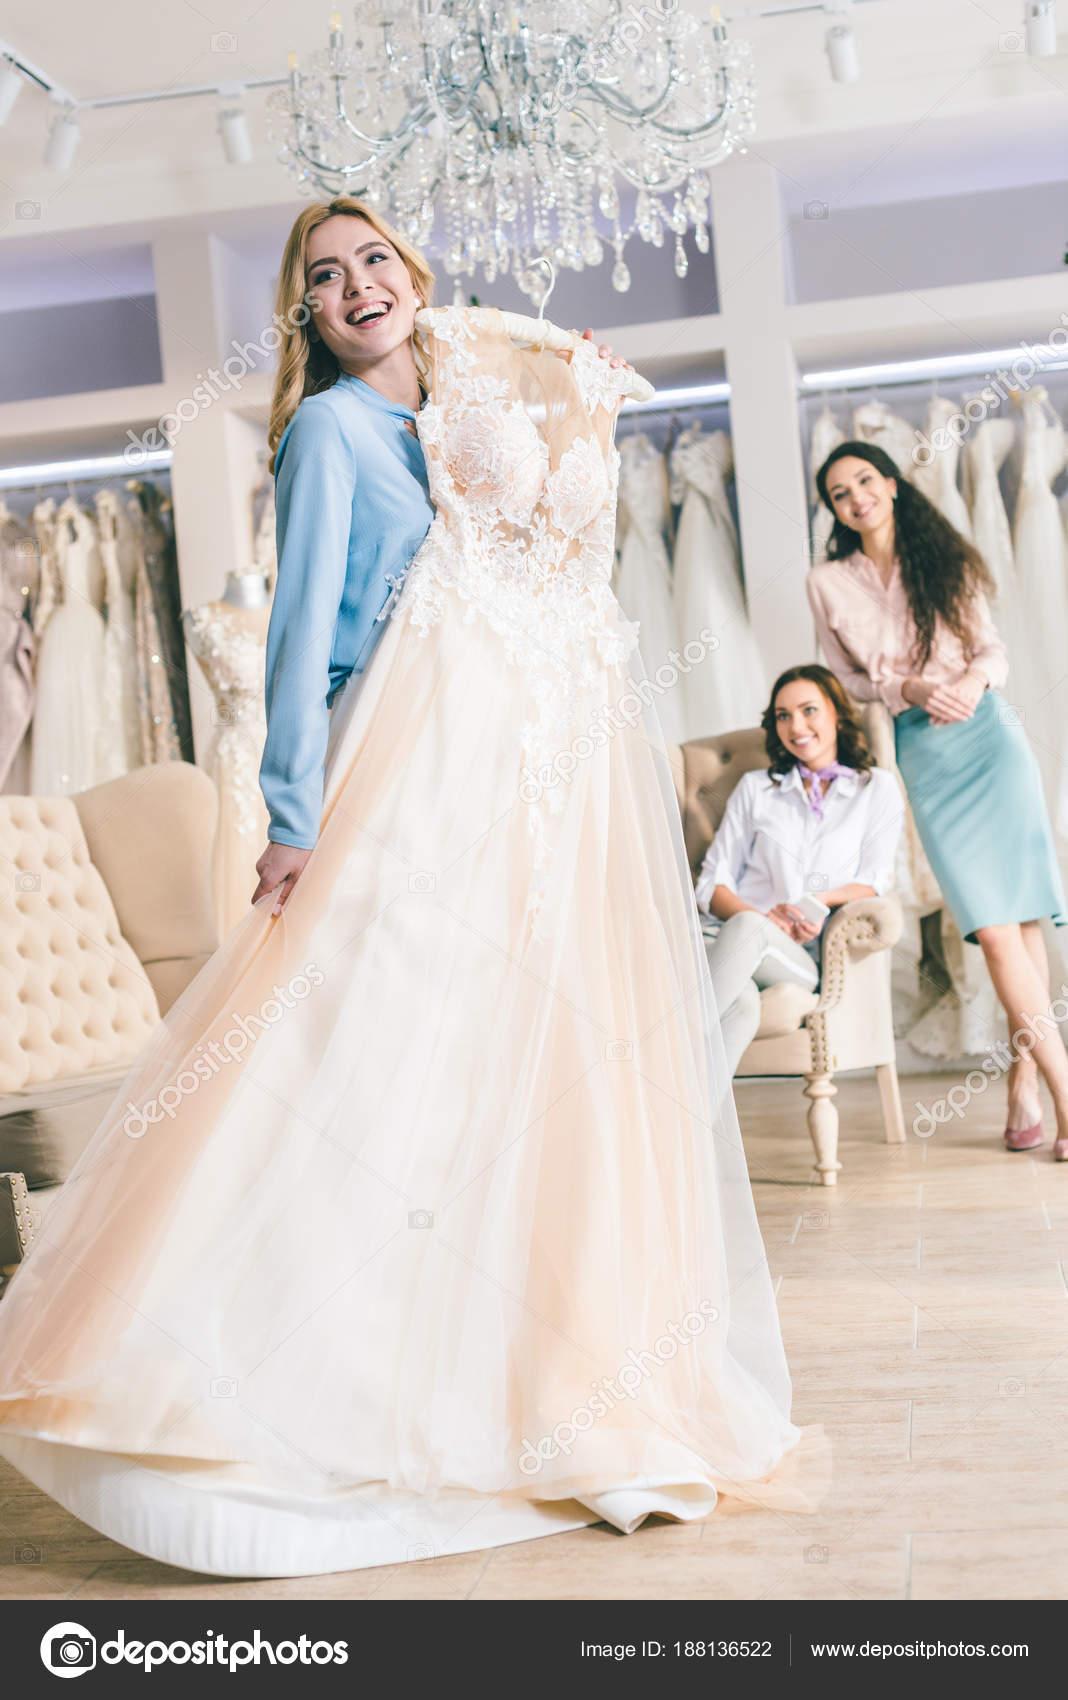 kleding voor huwelijk